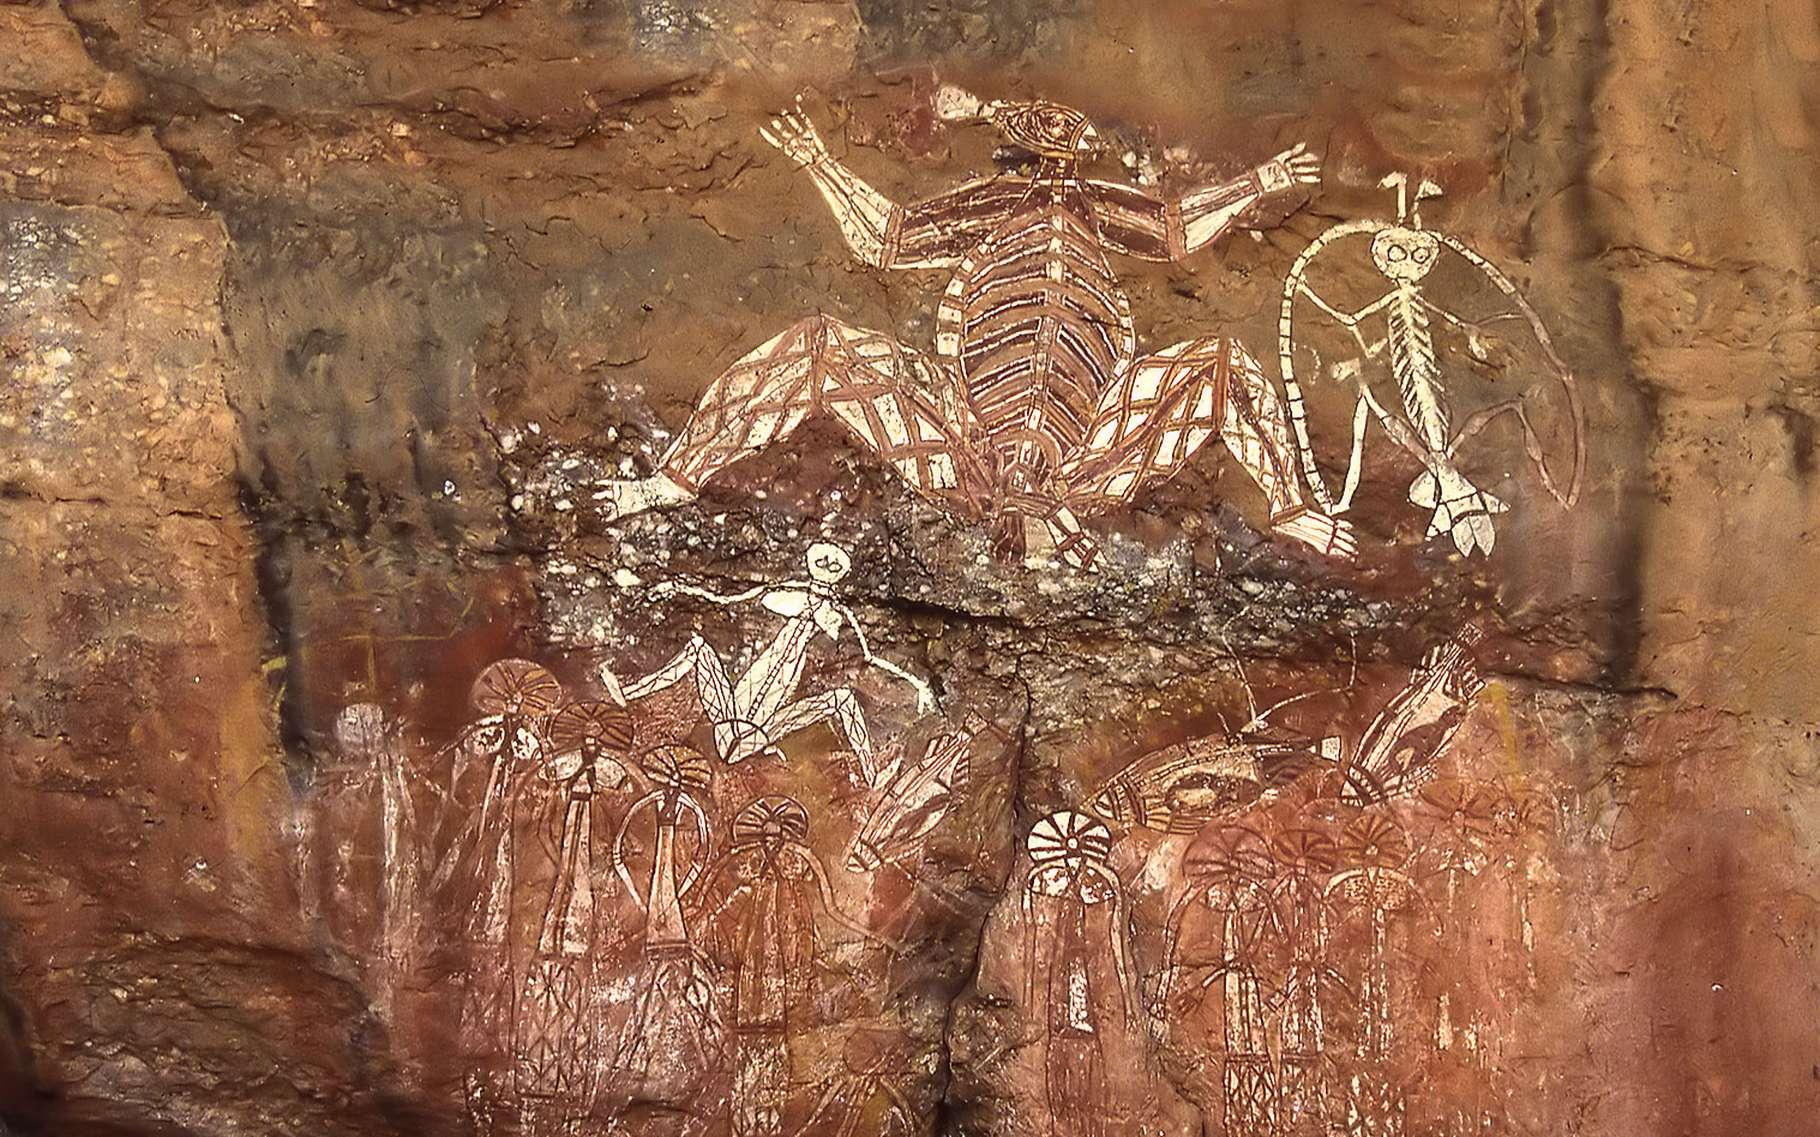 Fresque de Nurlangie Rock. © Sardaka, Wikimedia commons, CC by-sa 4.0